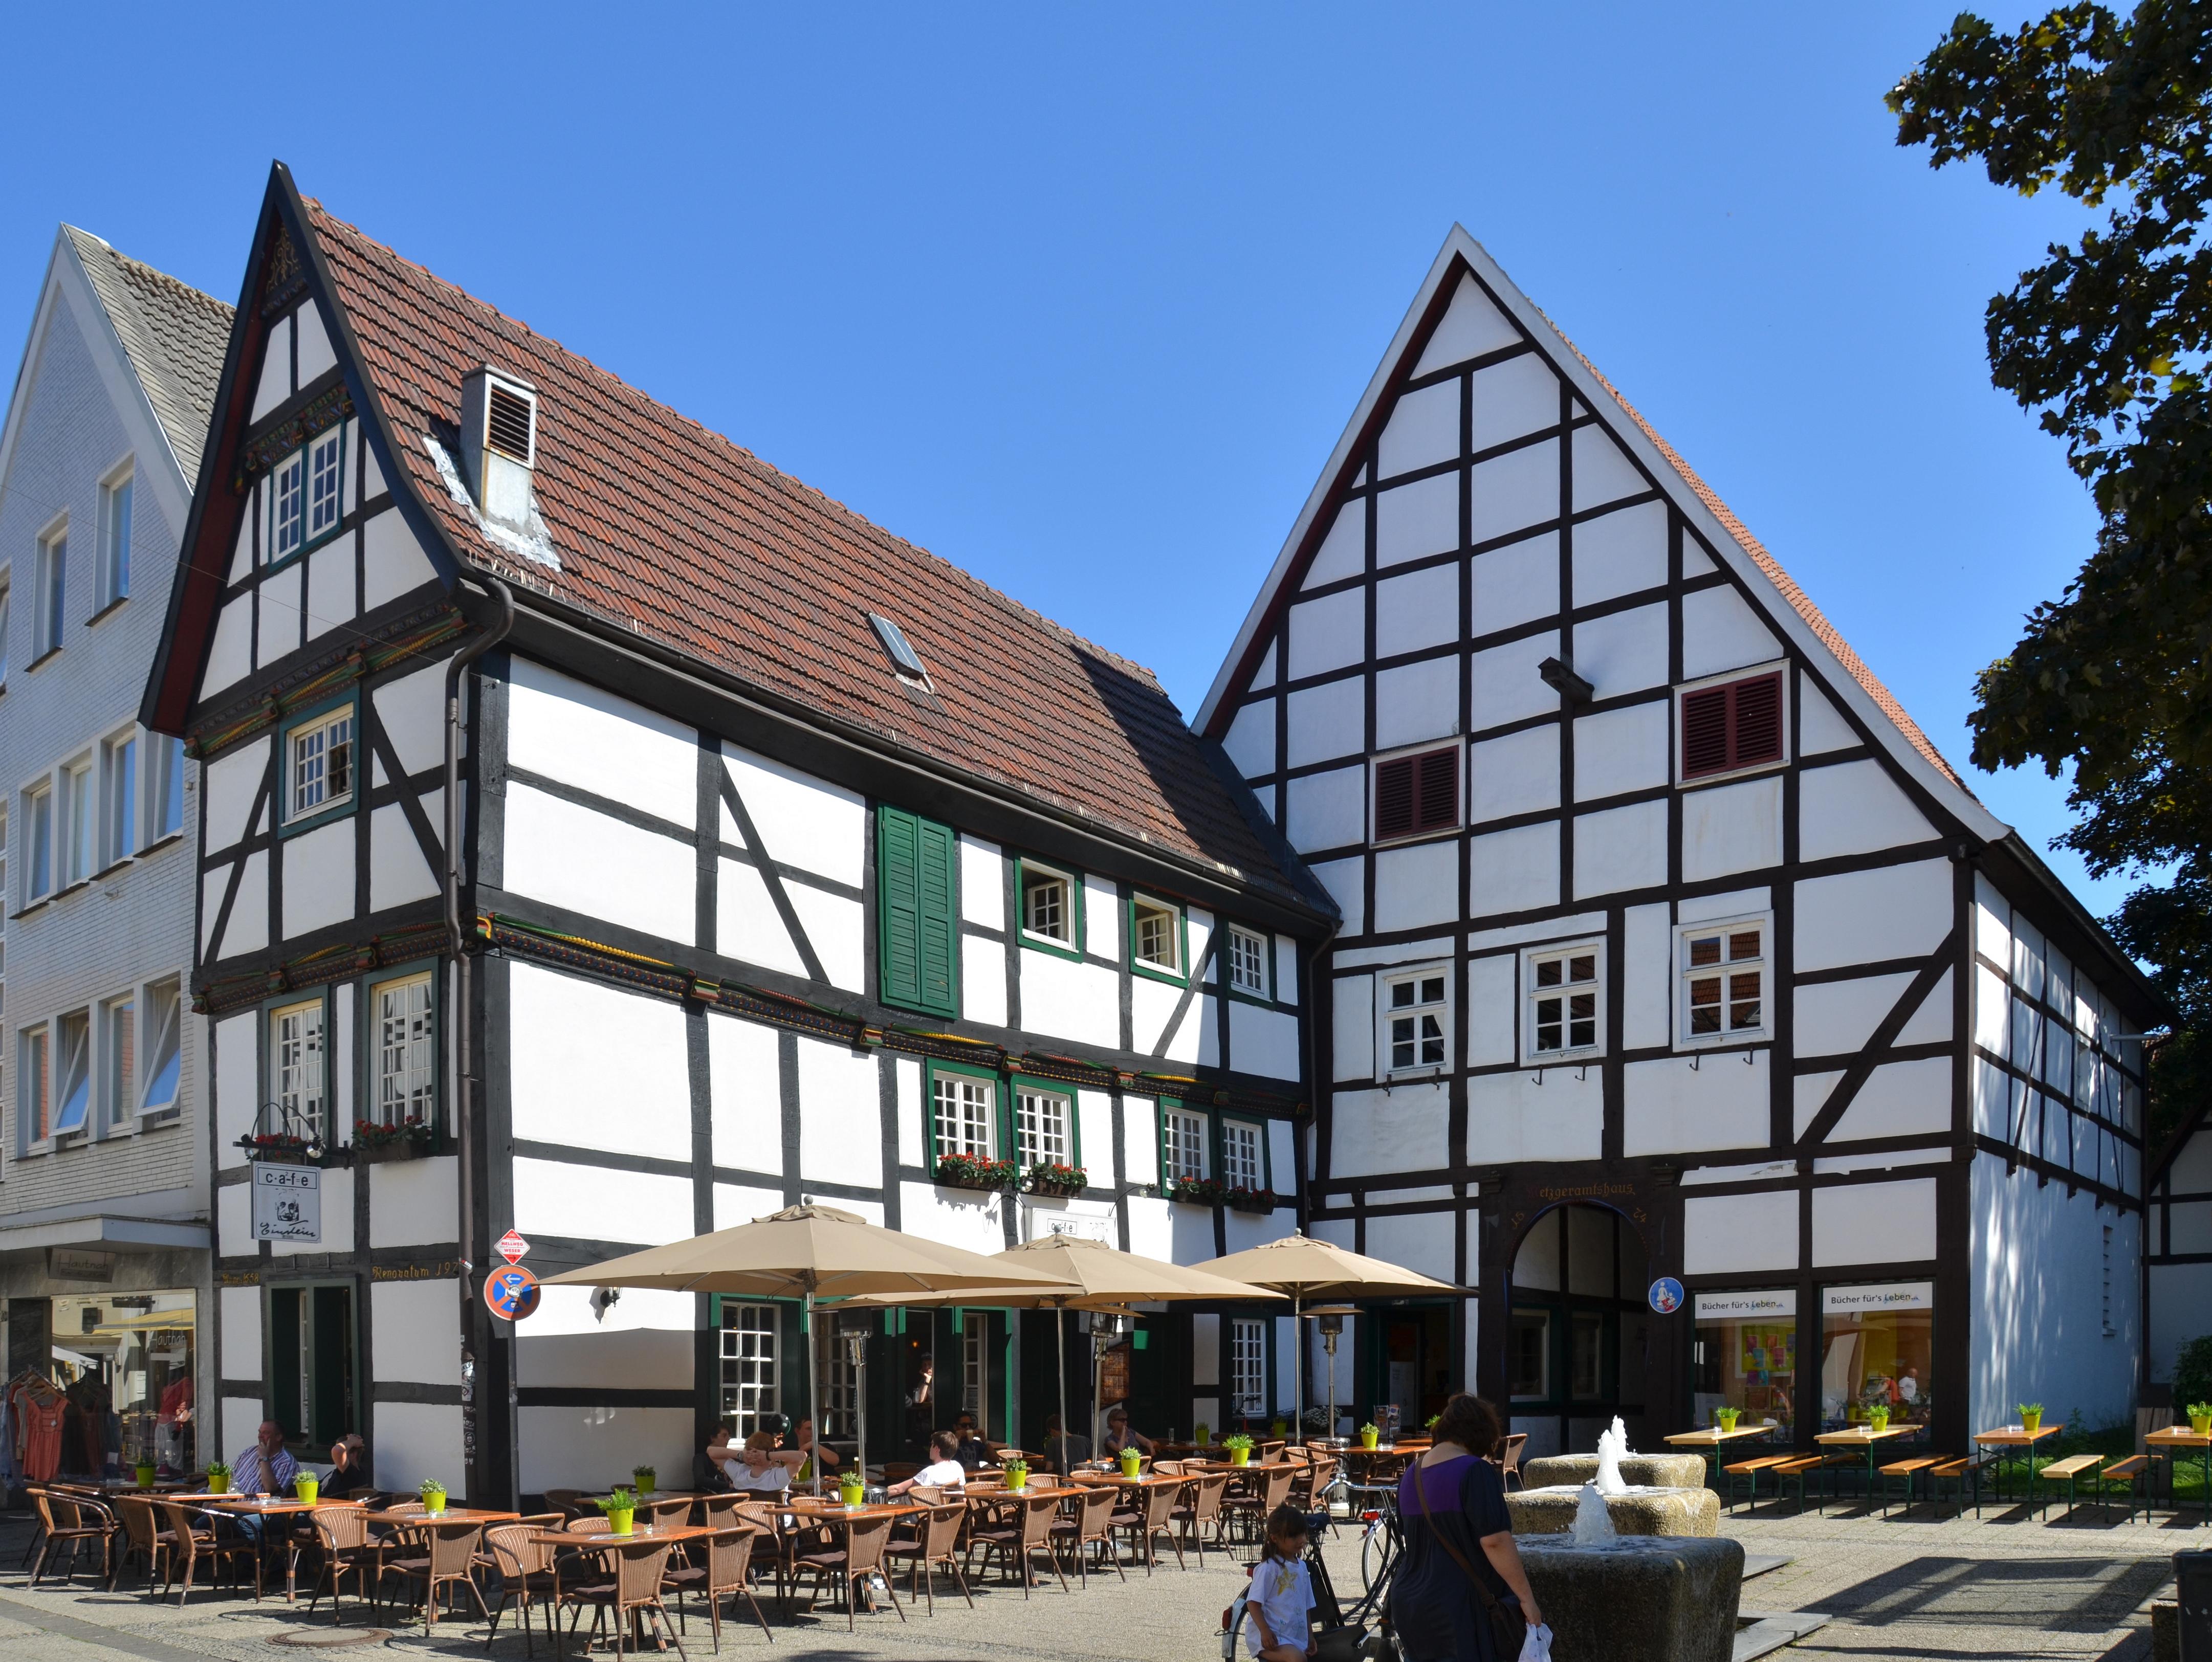 Dating cafe lippstadt Speed Dating Lippstadt und Umgebung -